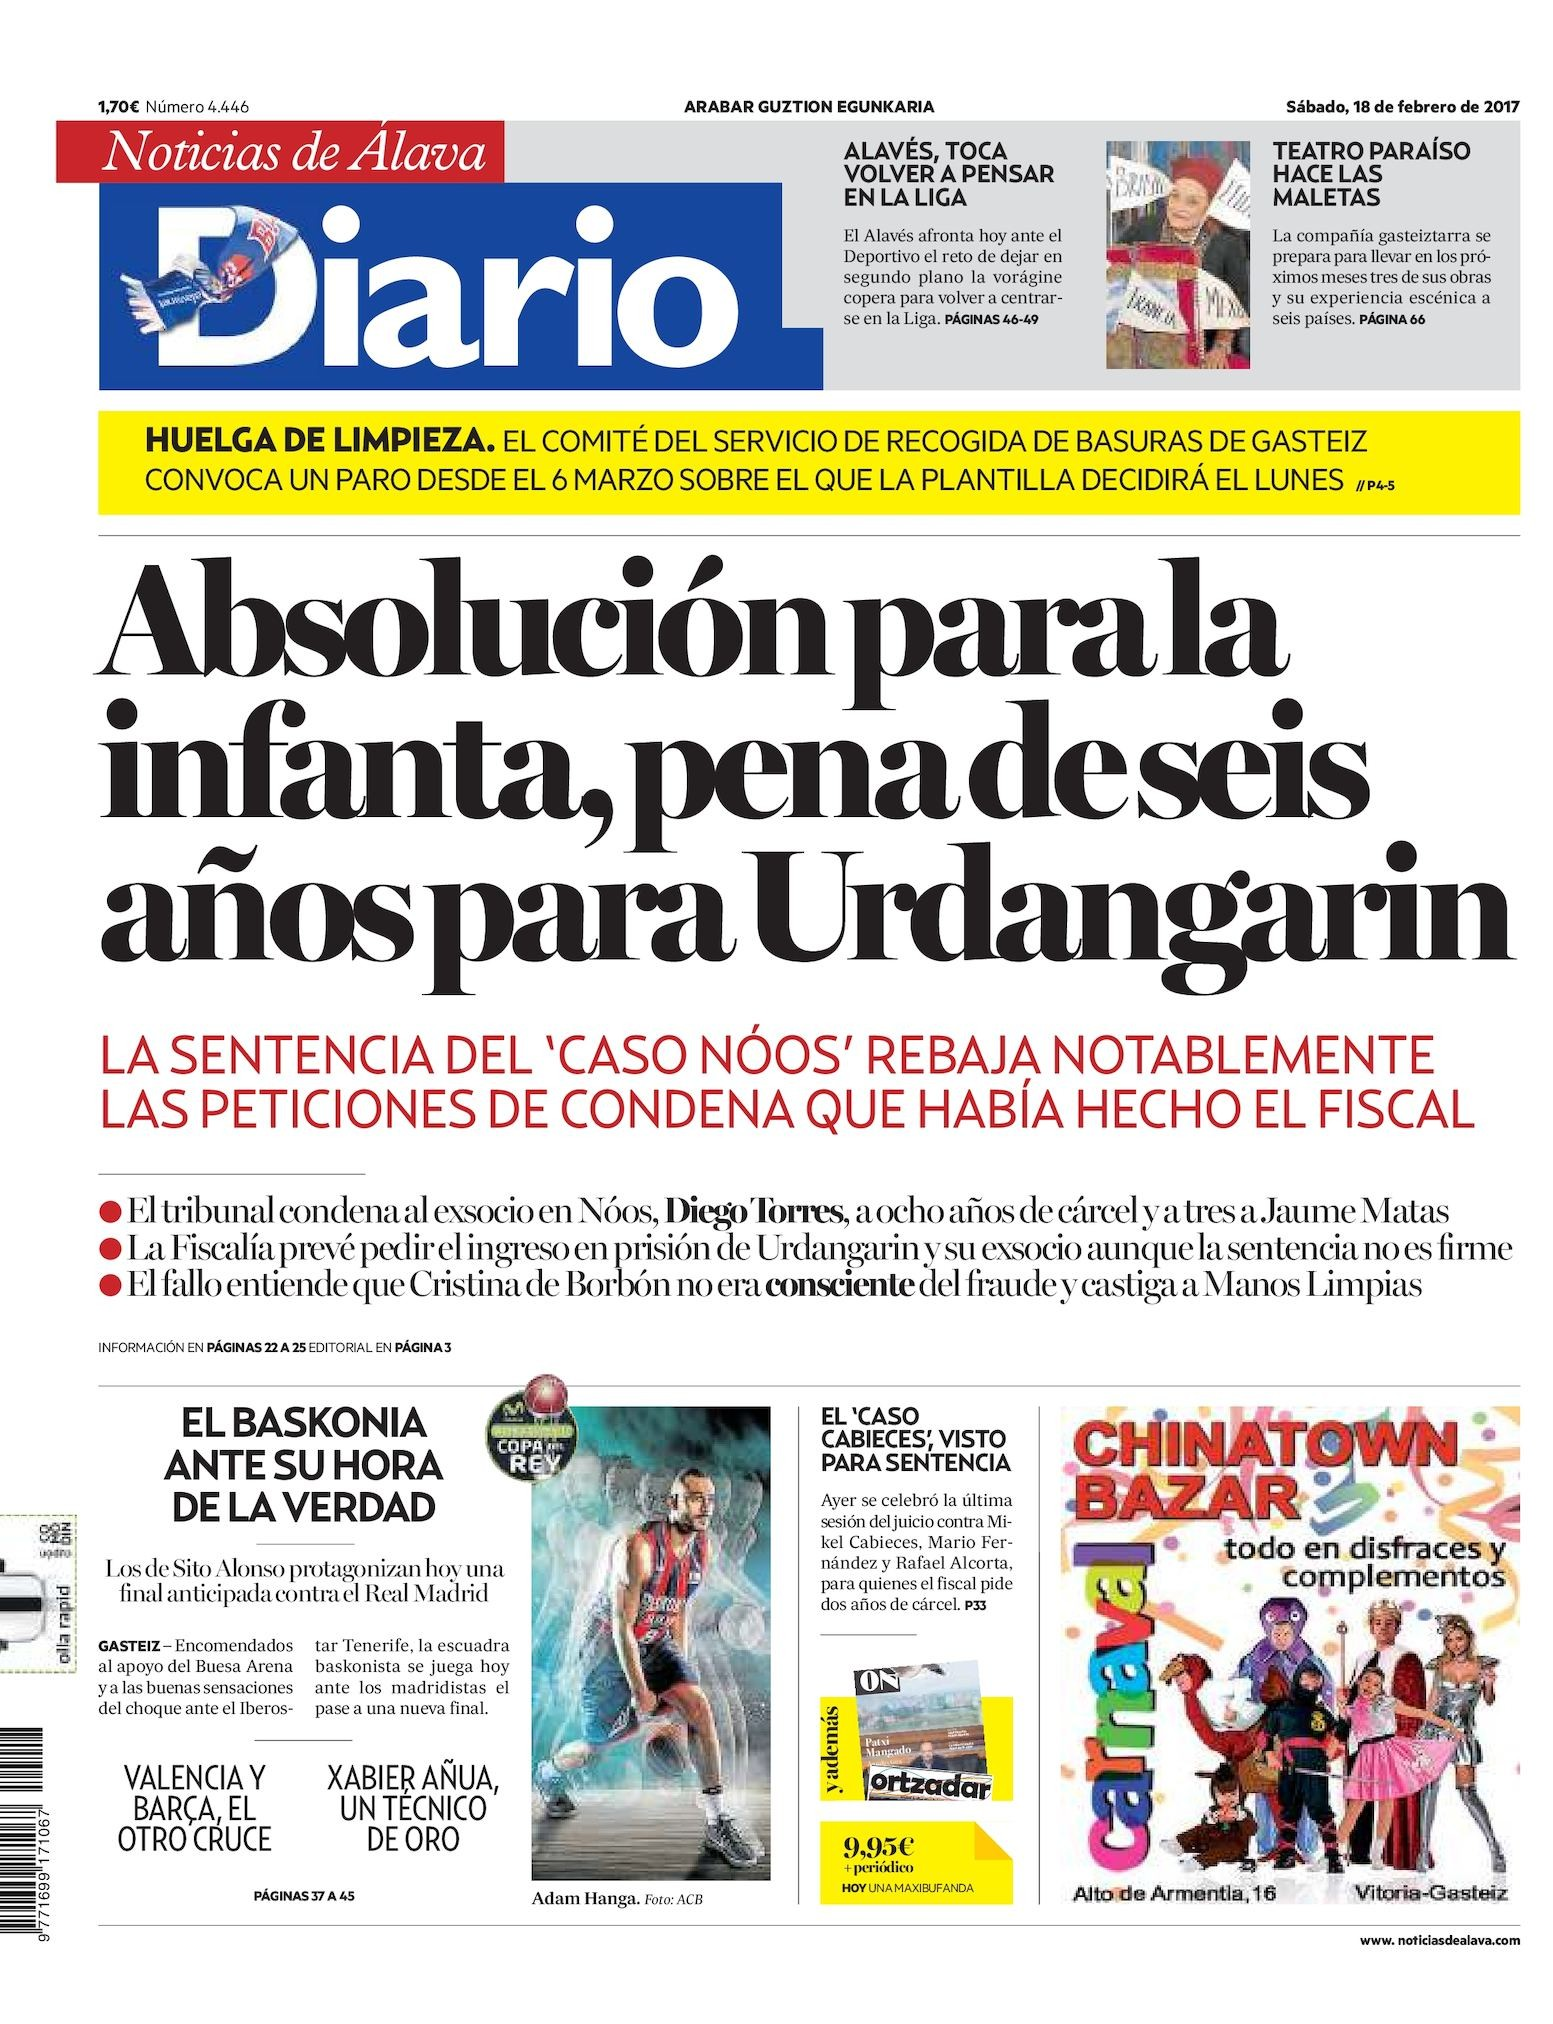 Calendario 2020 Dias Feriados Puerto Rico Más Caliente Calaméo Diario De Noticias De lava Of Calendario 2020 Dias Feriados Puerto Rico Más Populares Colegio Del Uruguay Celebro